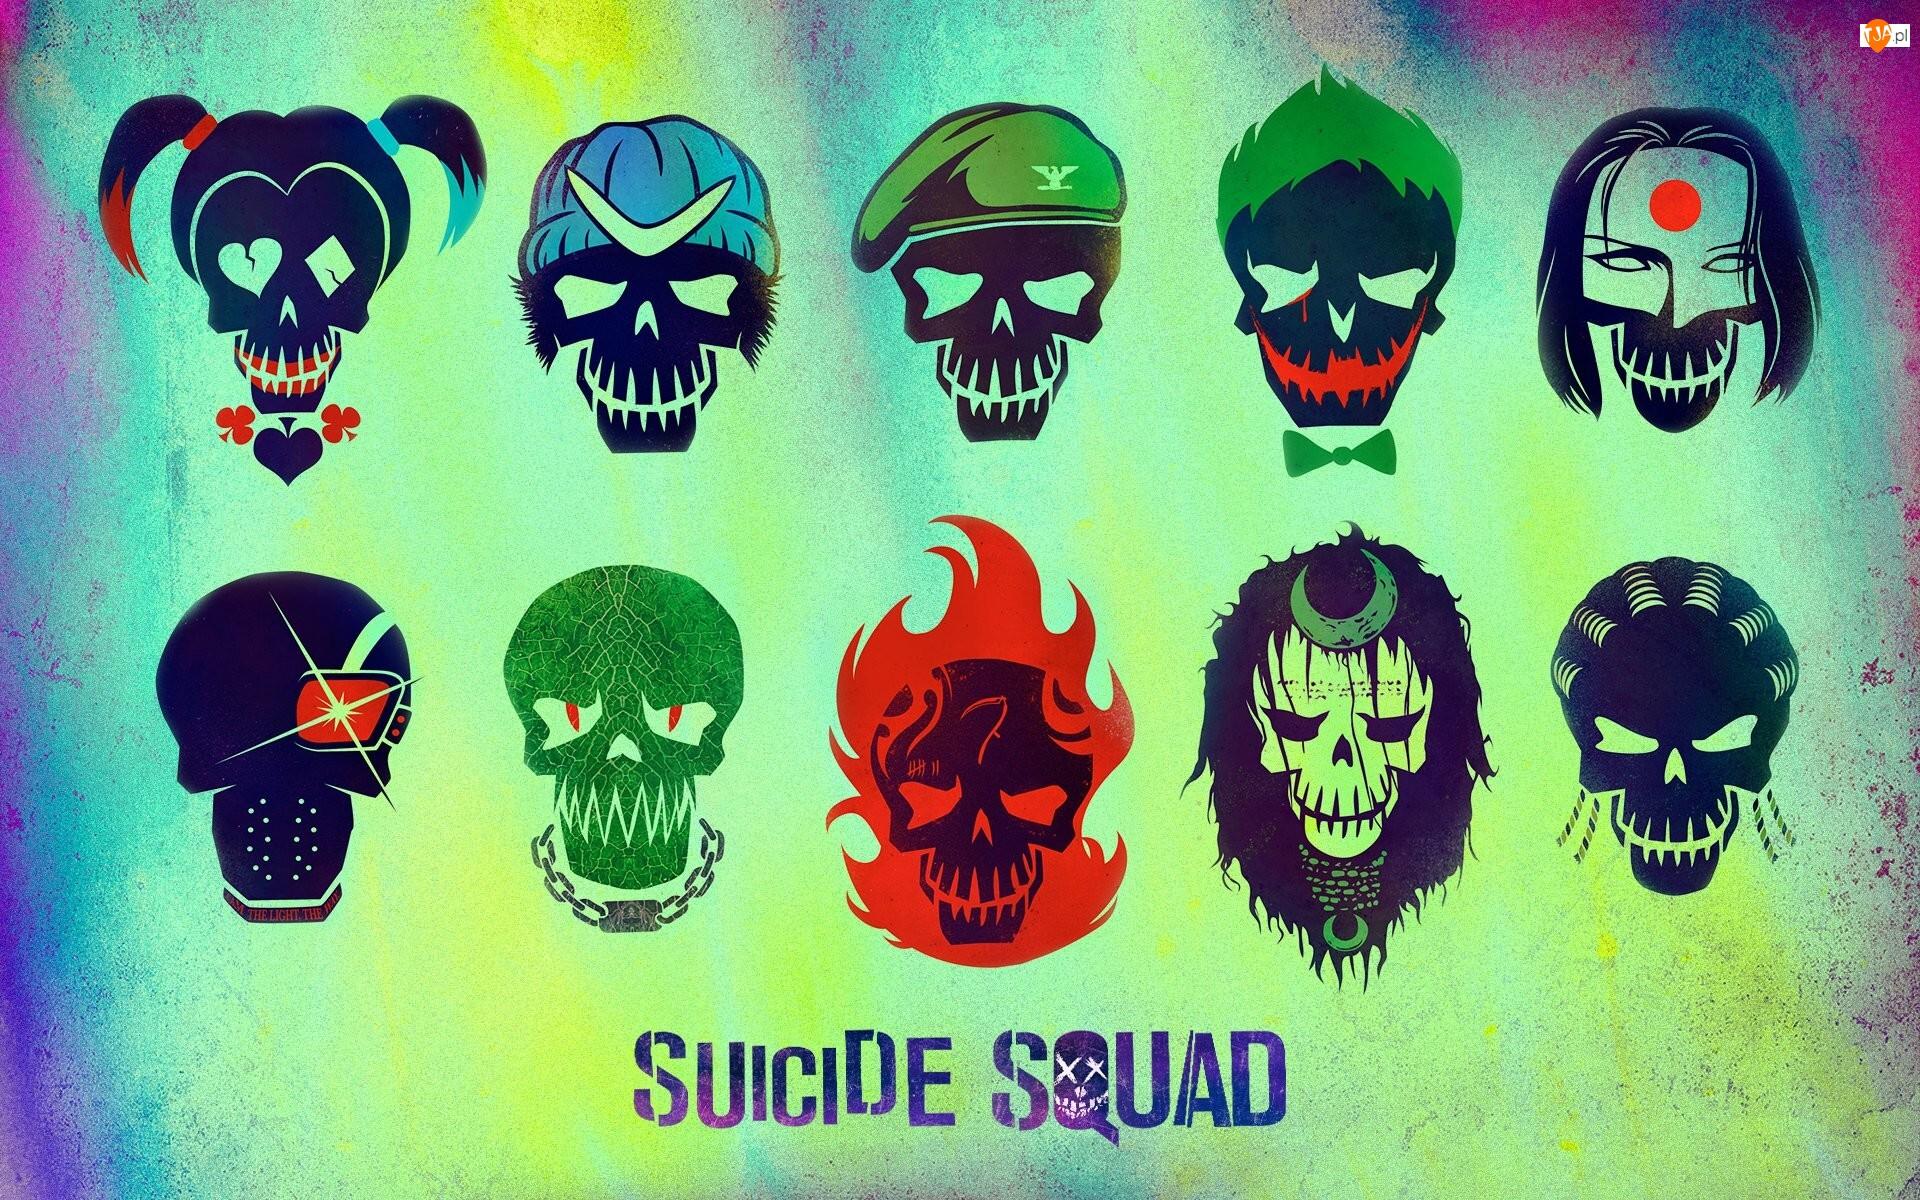 Suicide Squad The Album, Various Artists, Płyta, Okładka, Czaszki